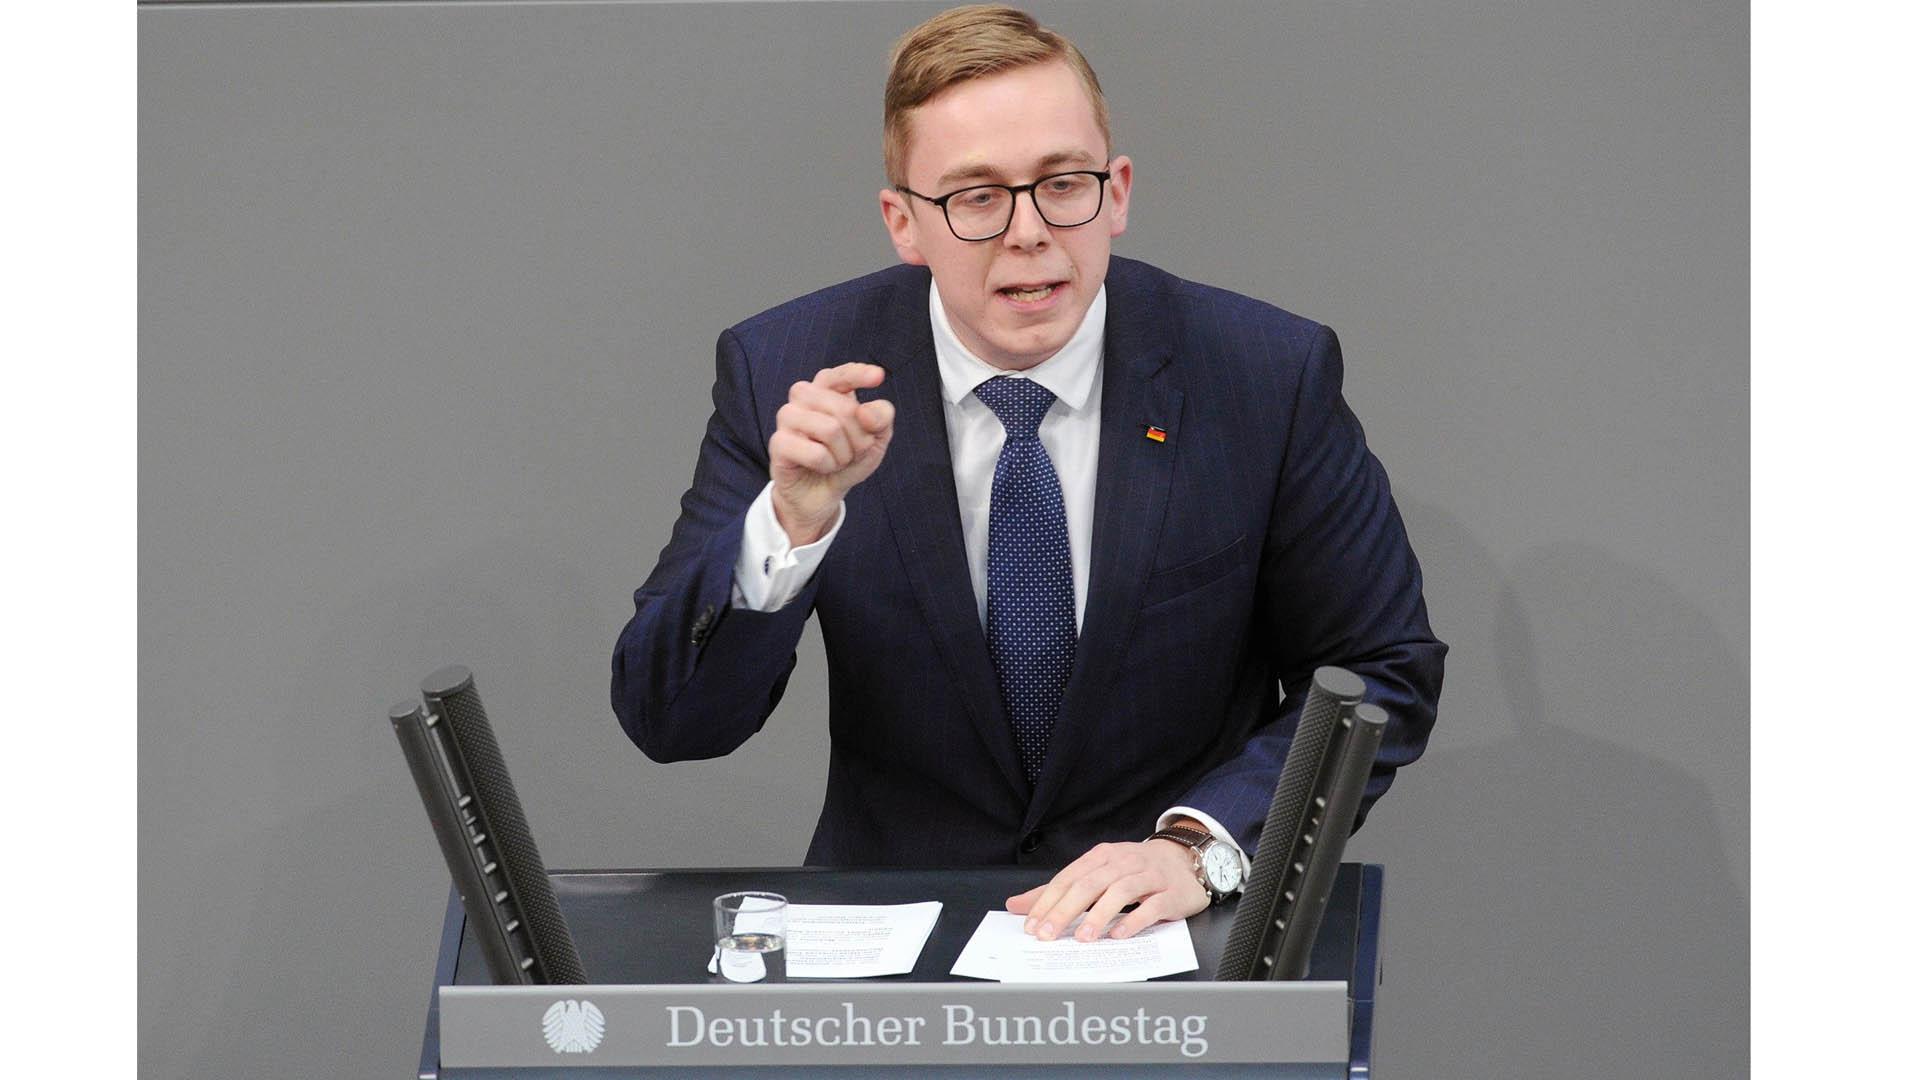 """""""Der christliche Glaube gehört in besonderer Weise zu Deutschland"""", sagt Philipp Amthor"""